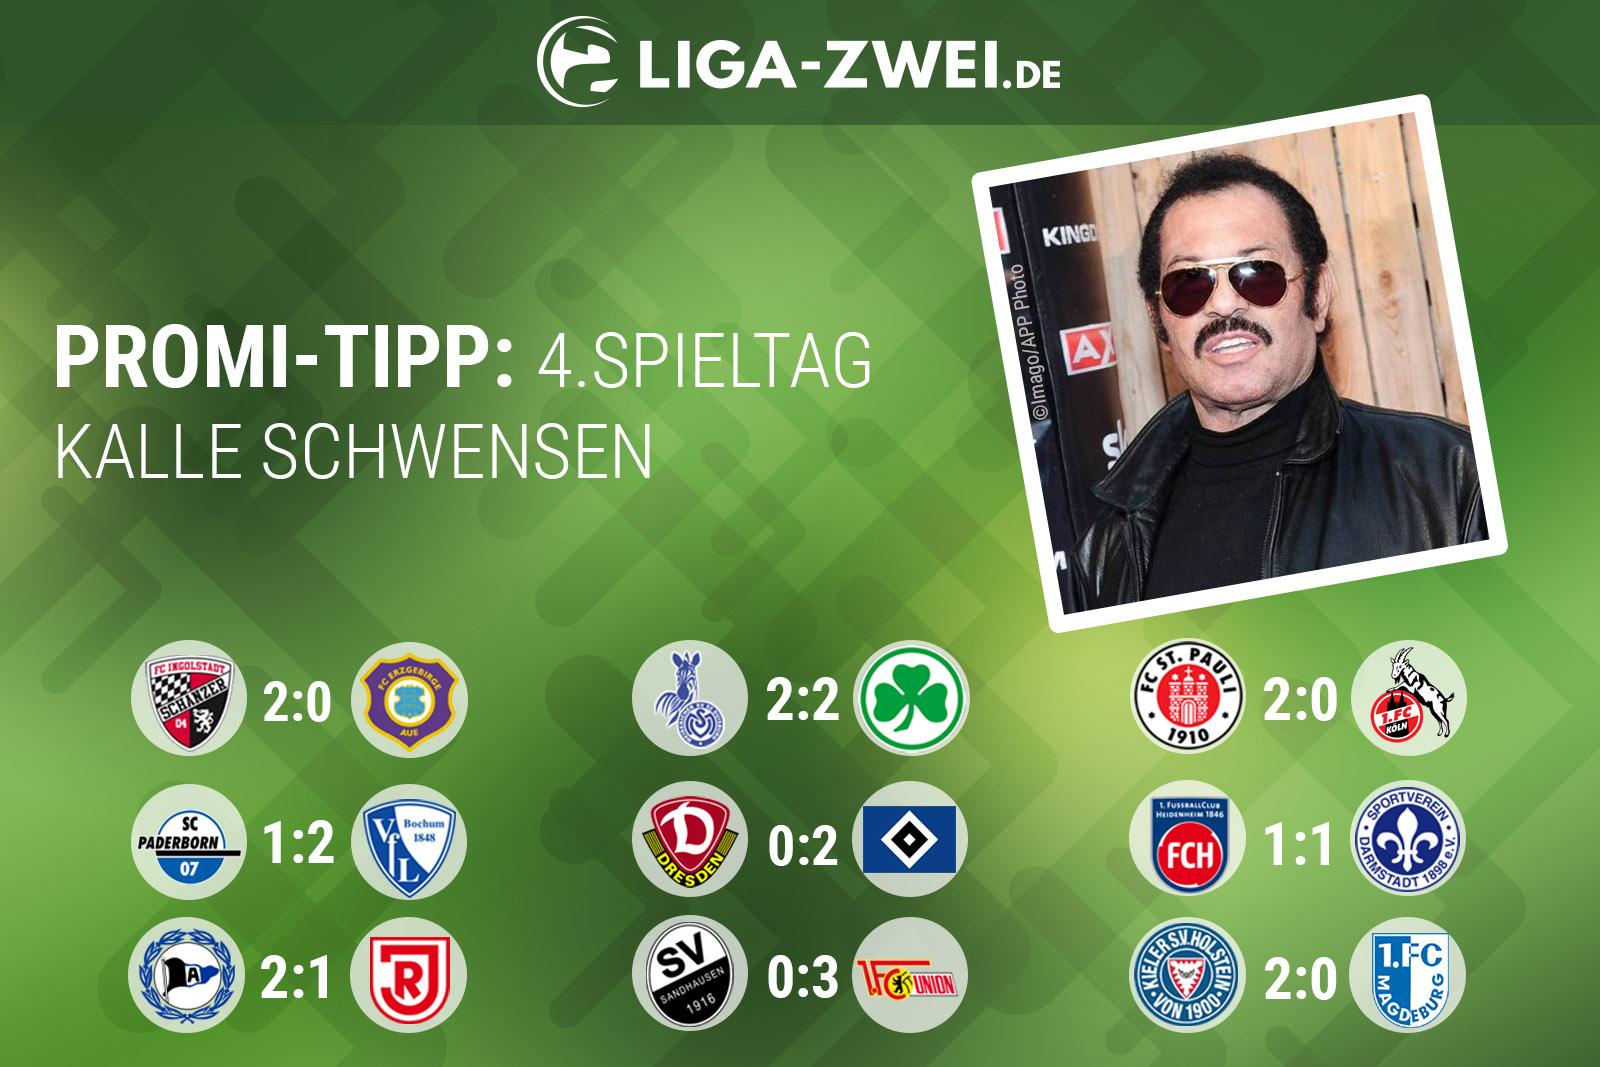 Kalle Schwensen beim Liga-Zwei.de Promi-Tipp